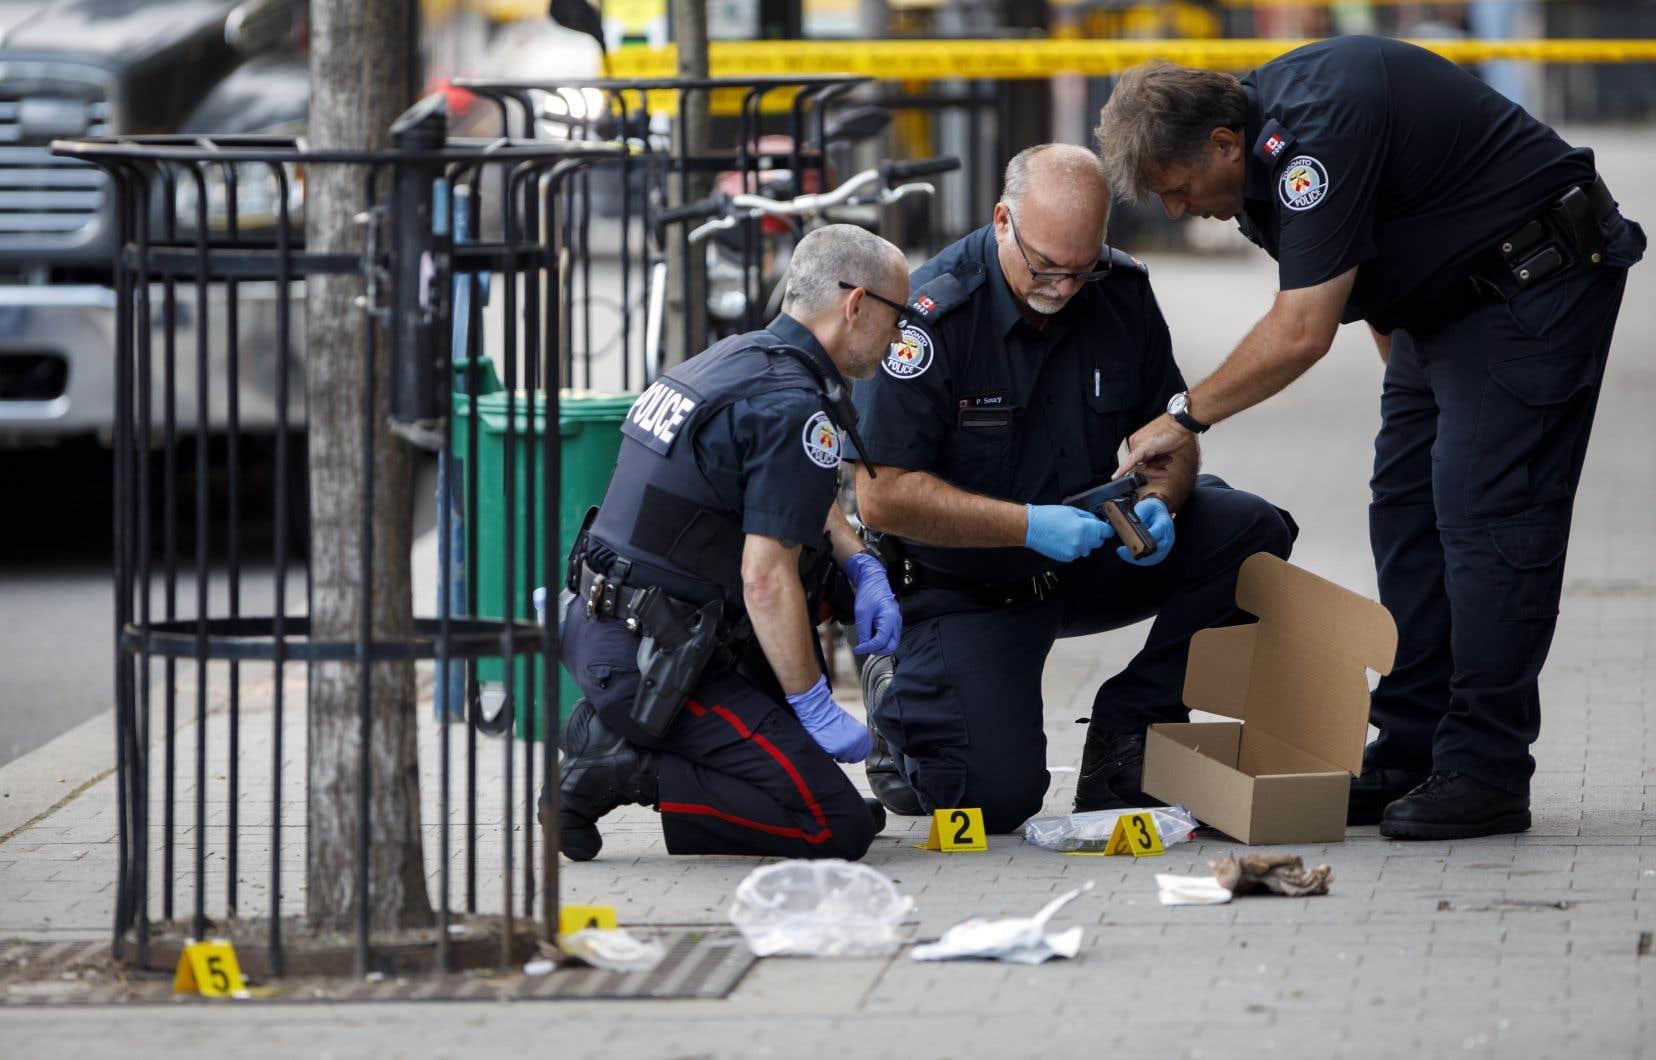 En 2019, 492 fusillades ont eu lieu dans les rues de la ville, le nombre le plus élevé en 15 ans.